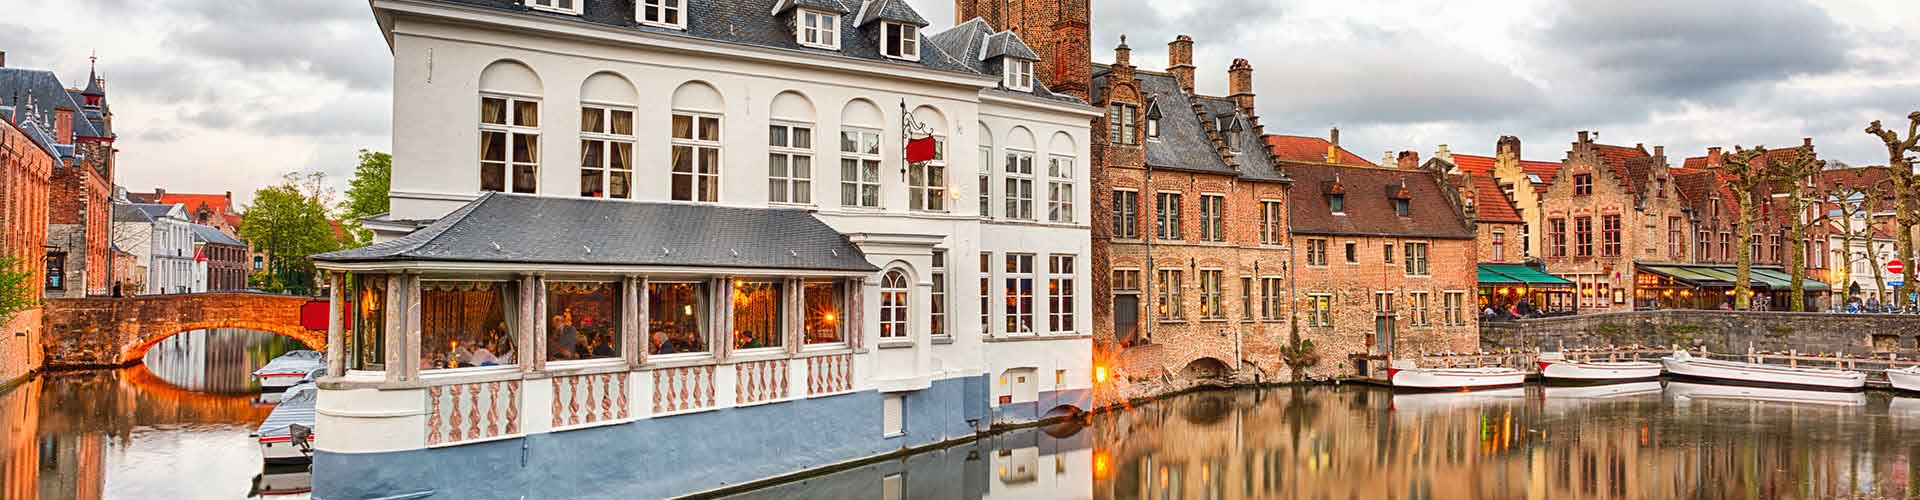 Bruges - Hôtels près de Gare de Bruges. Cartes pour Bruges, photos et commentaires pour chaque Hôtel à Bruges.